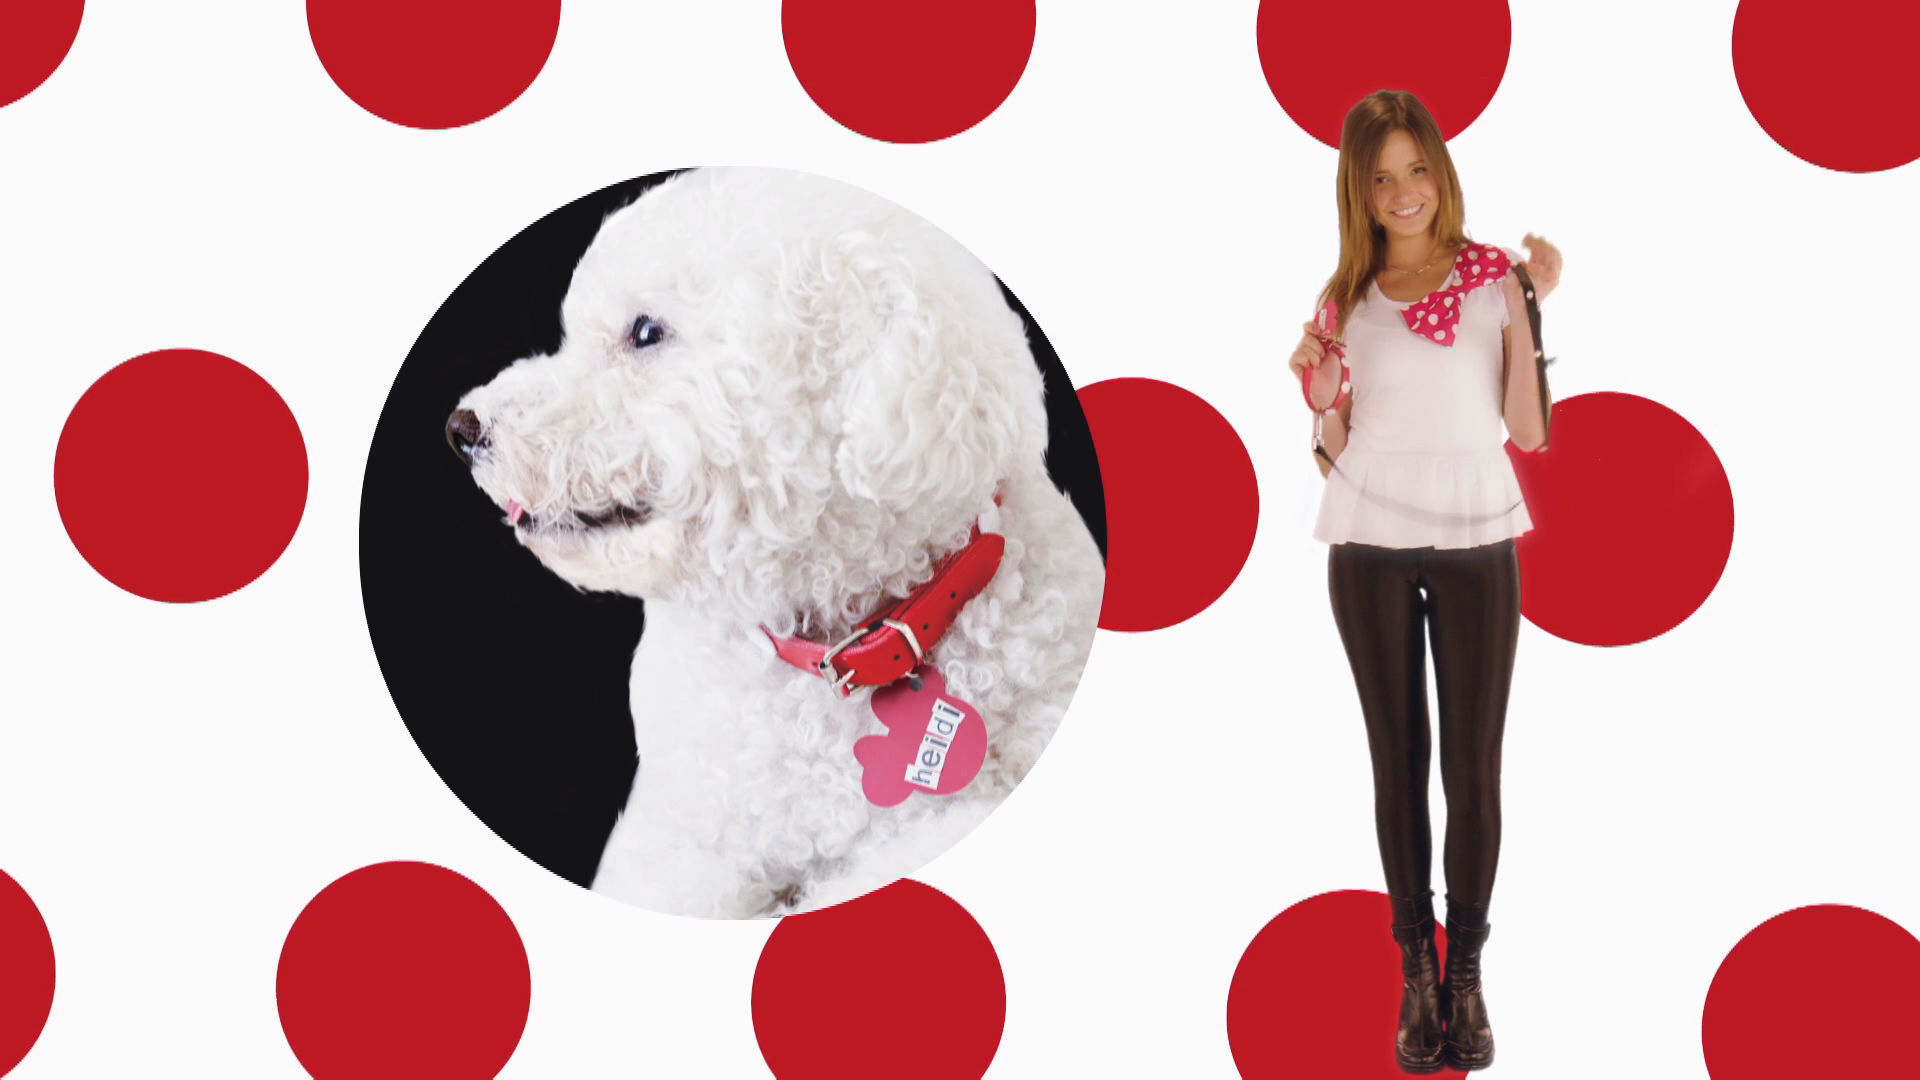 מיני ואני עם ליהי קורנובסקי - איך מכינים קולר מיני לכלב